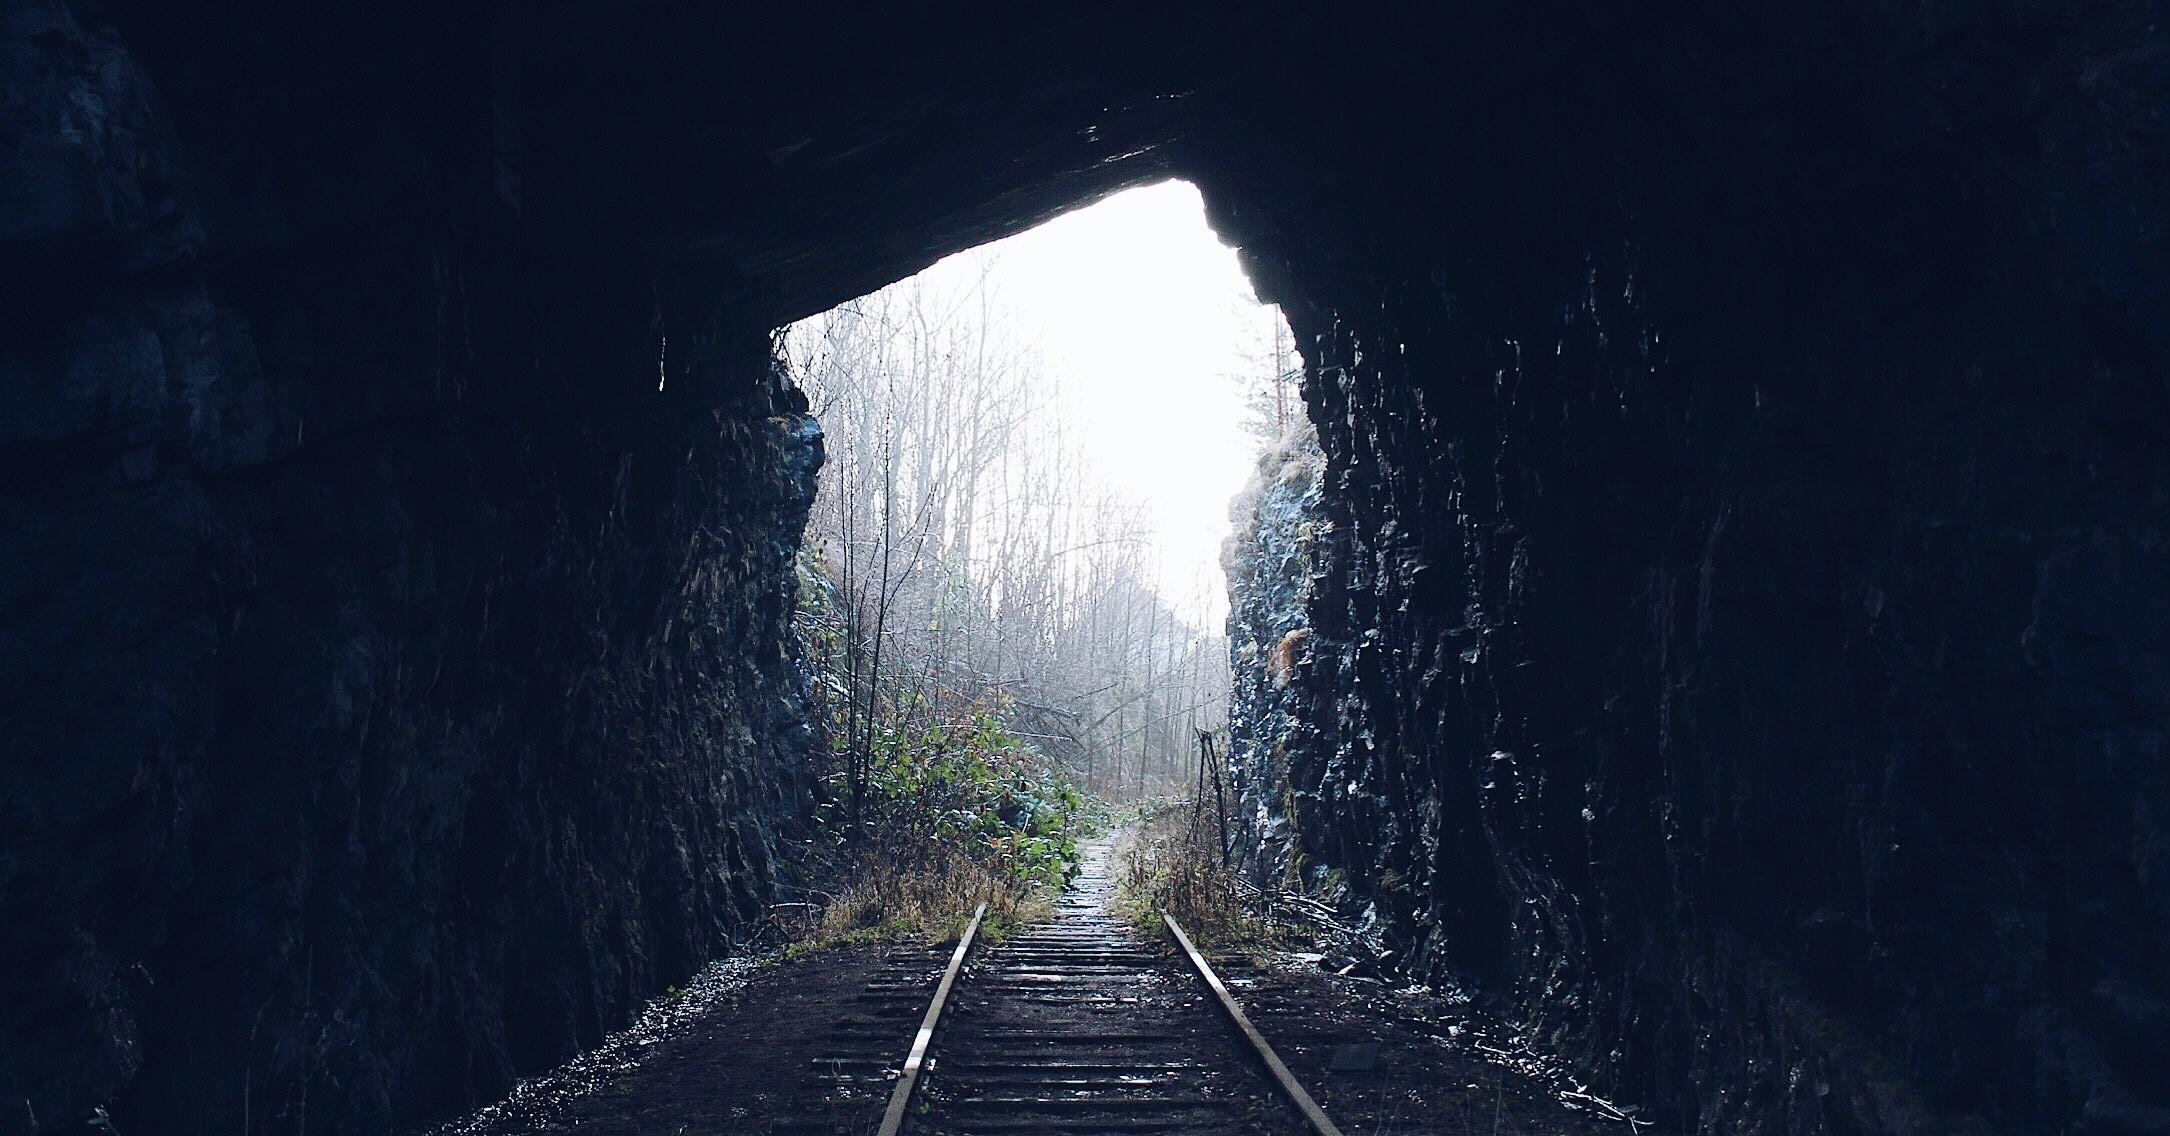 Luz ao fundo do túnel com linha de comboio